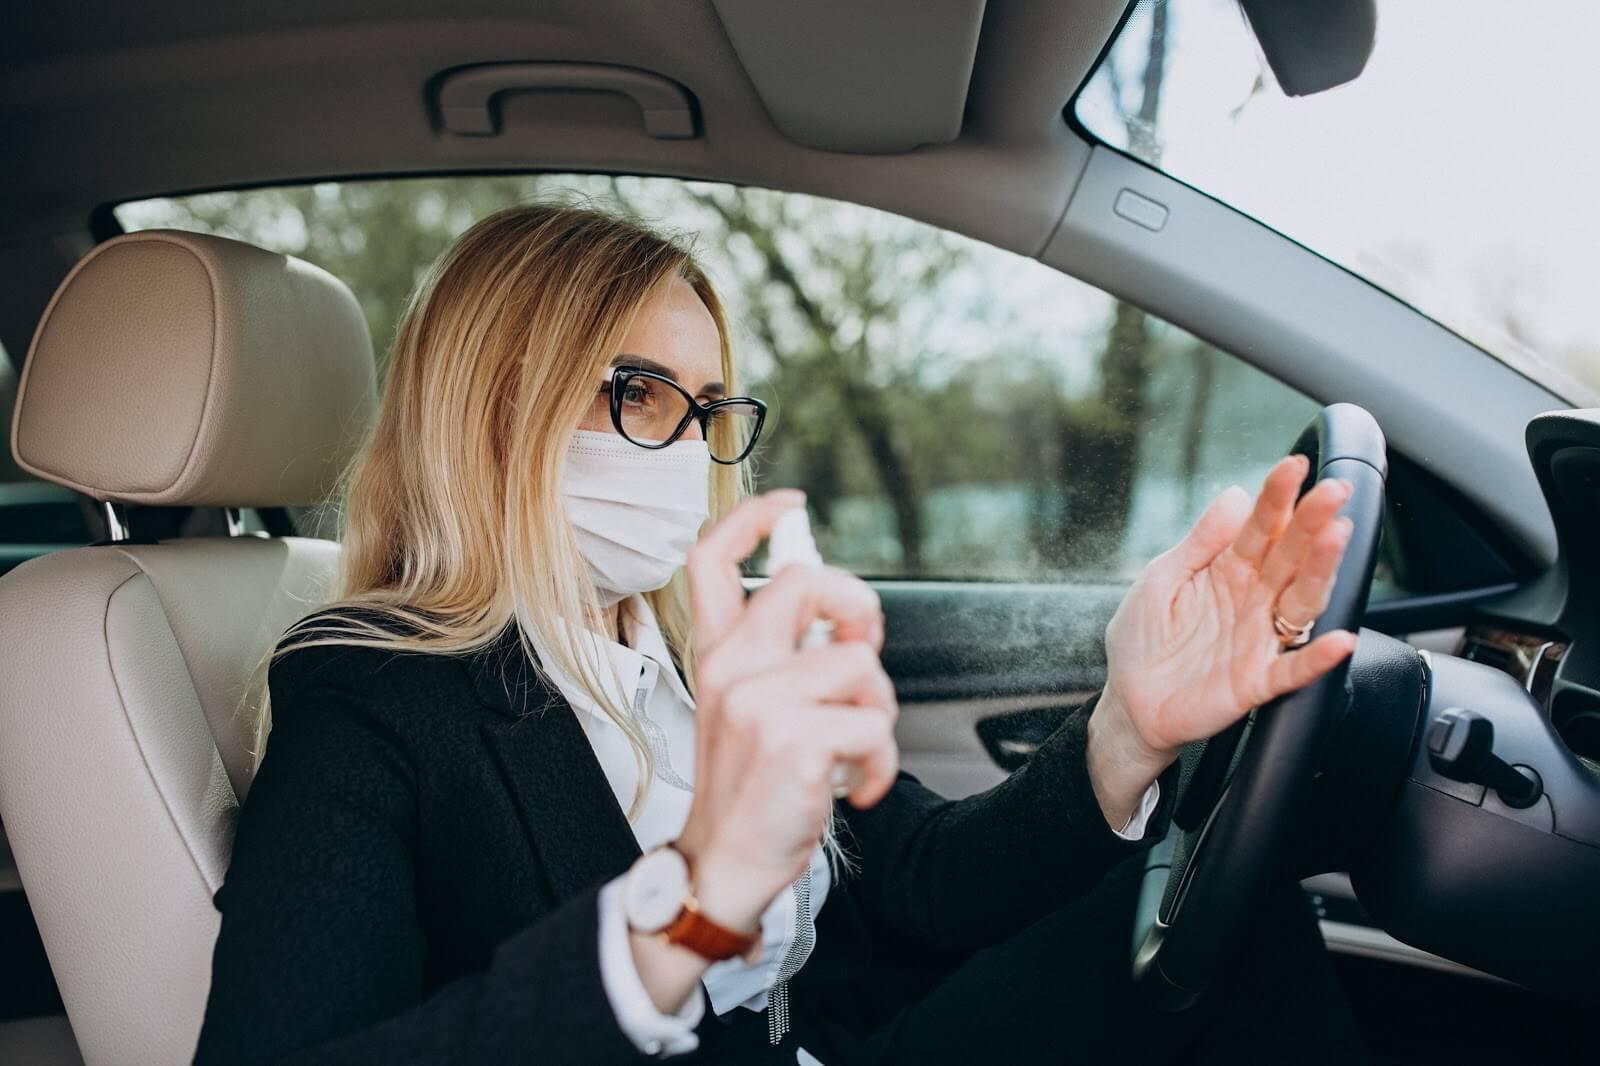 Imagem de uma mulher higienizando as mãos após sair de carro na quarentena